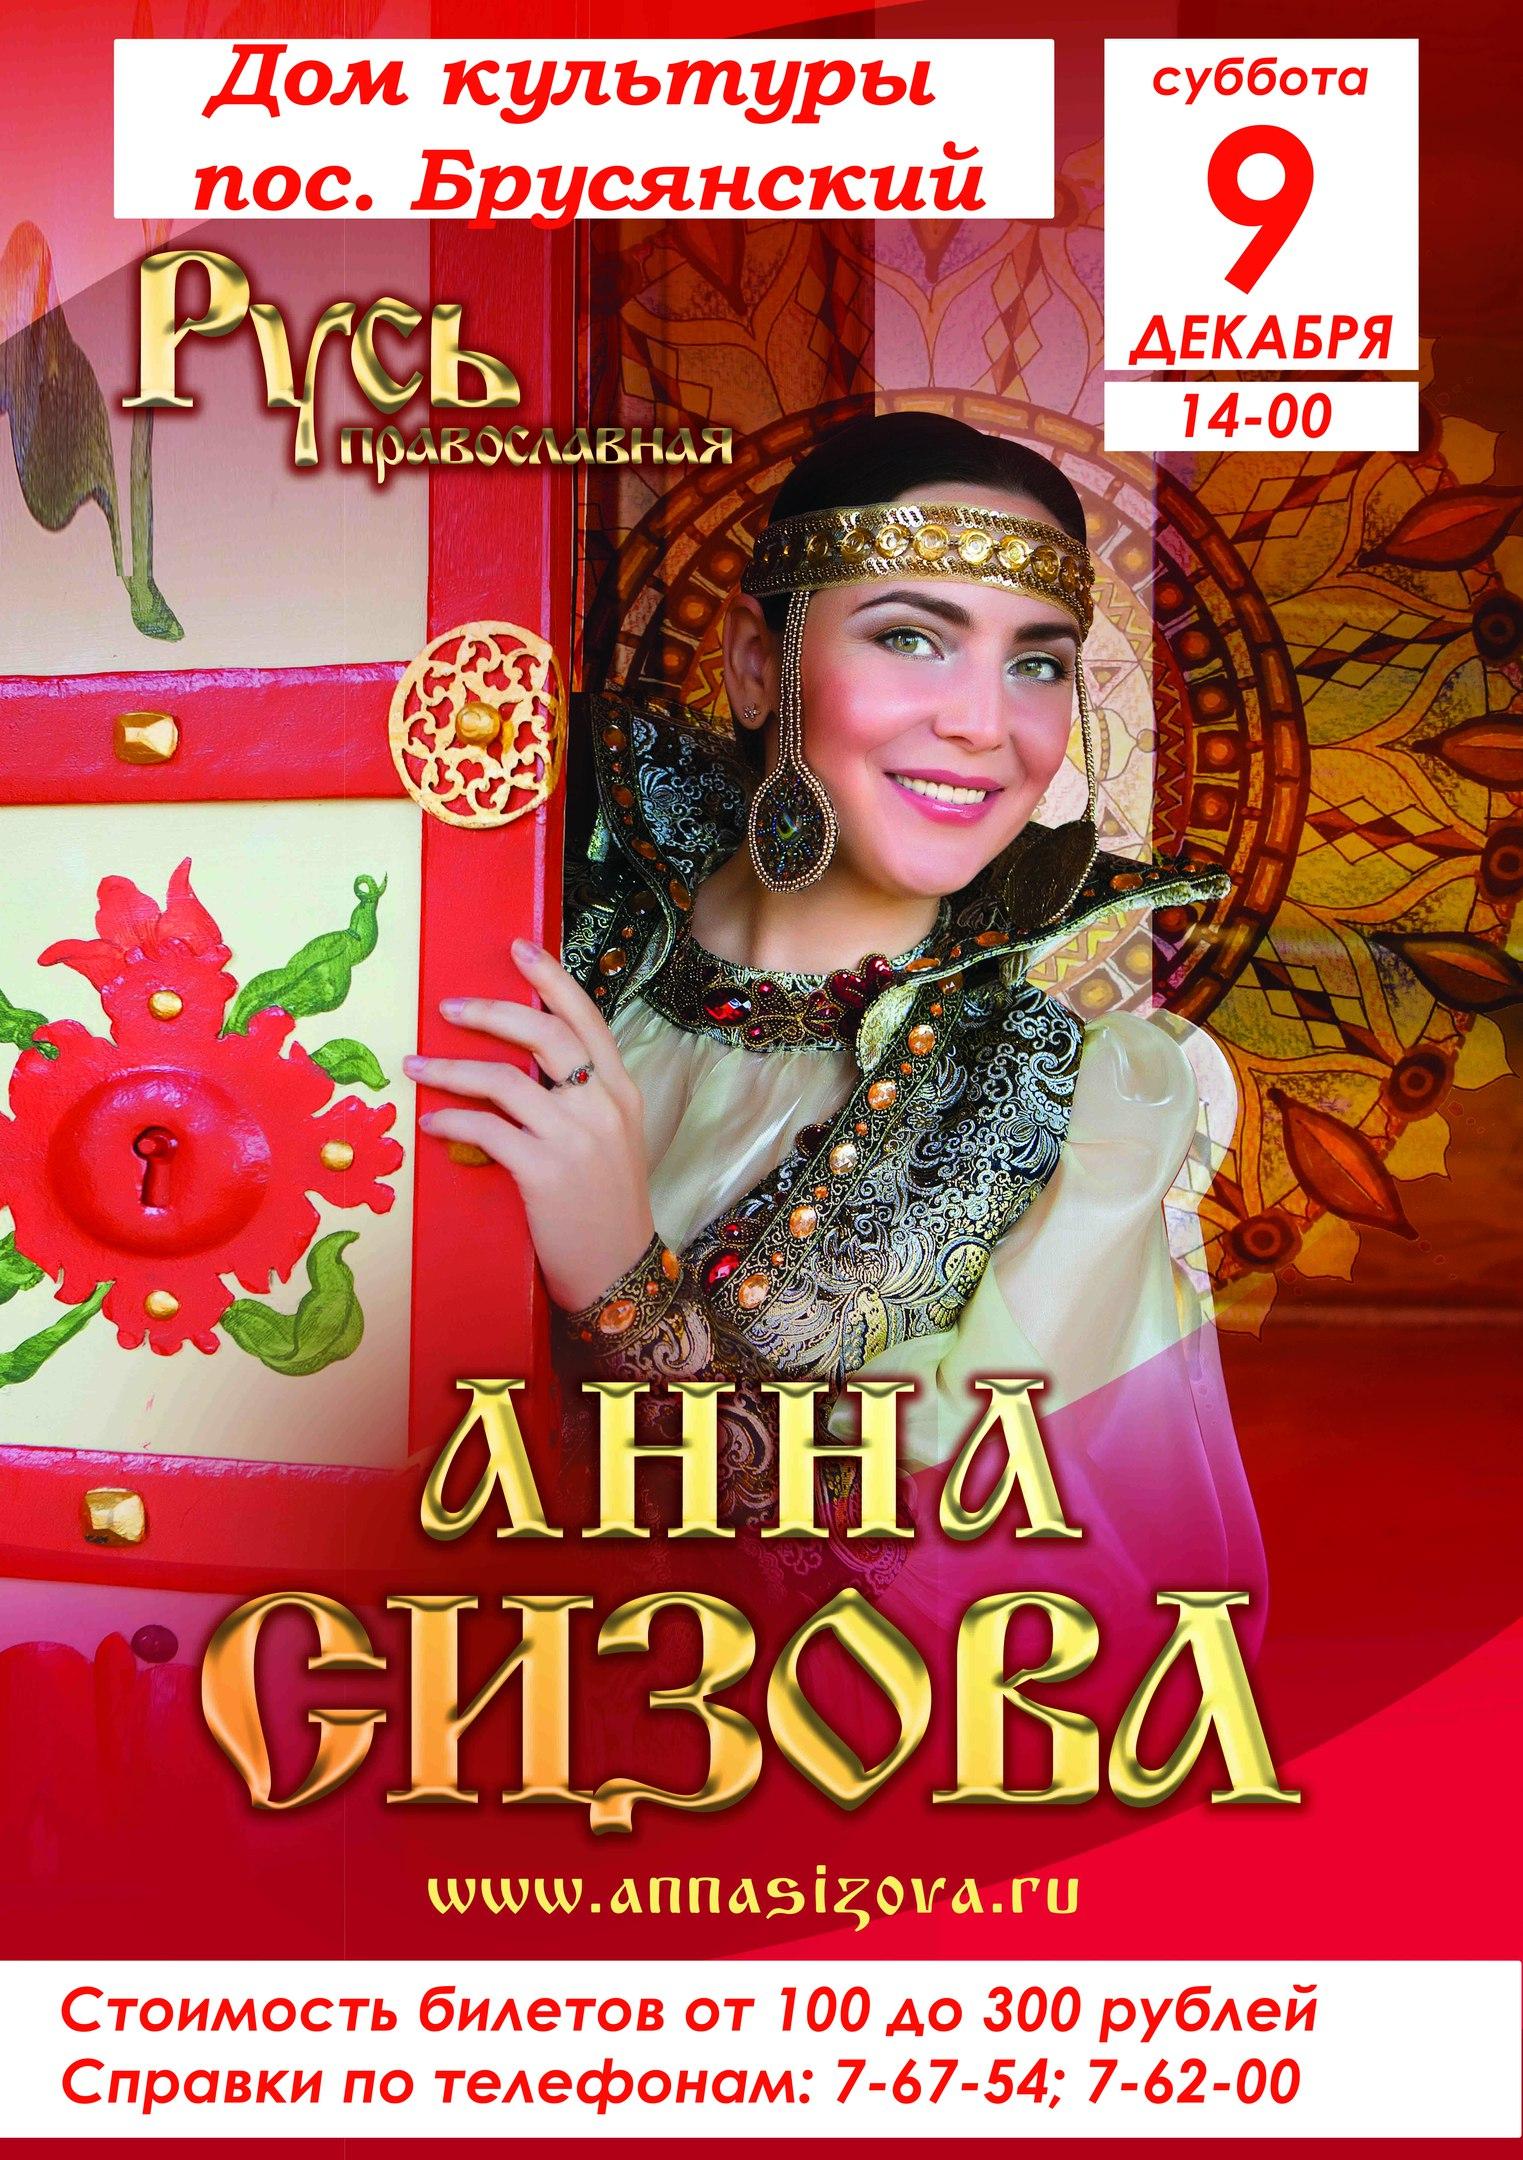 9 декабря в посёлке Брусянский поёт Анна Сизова